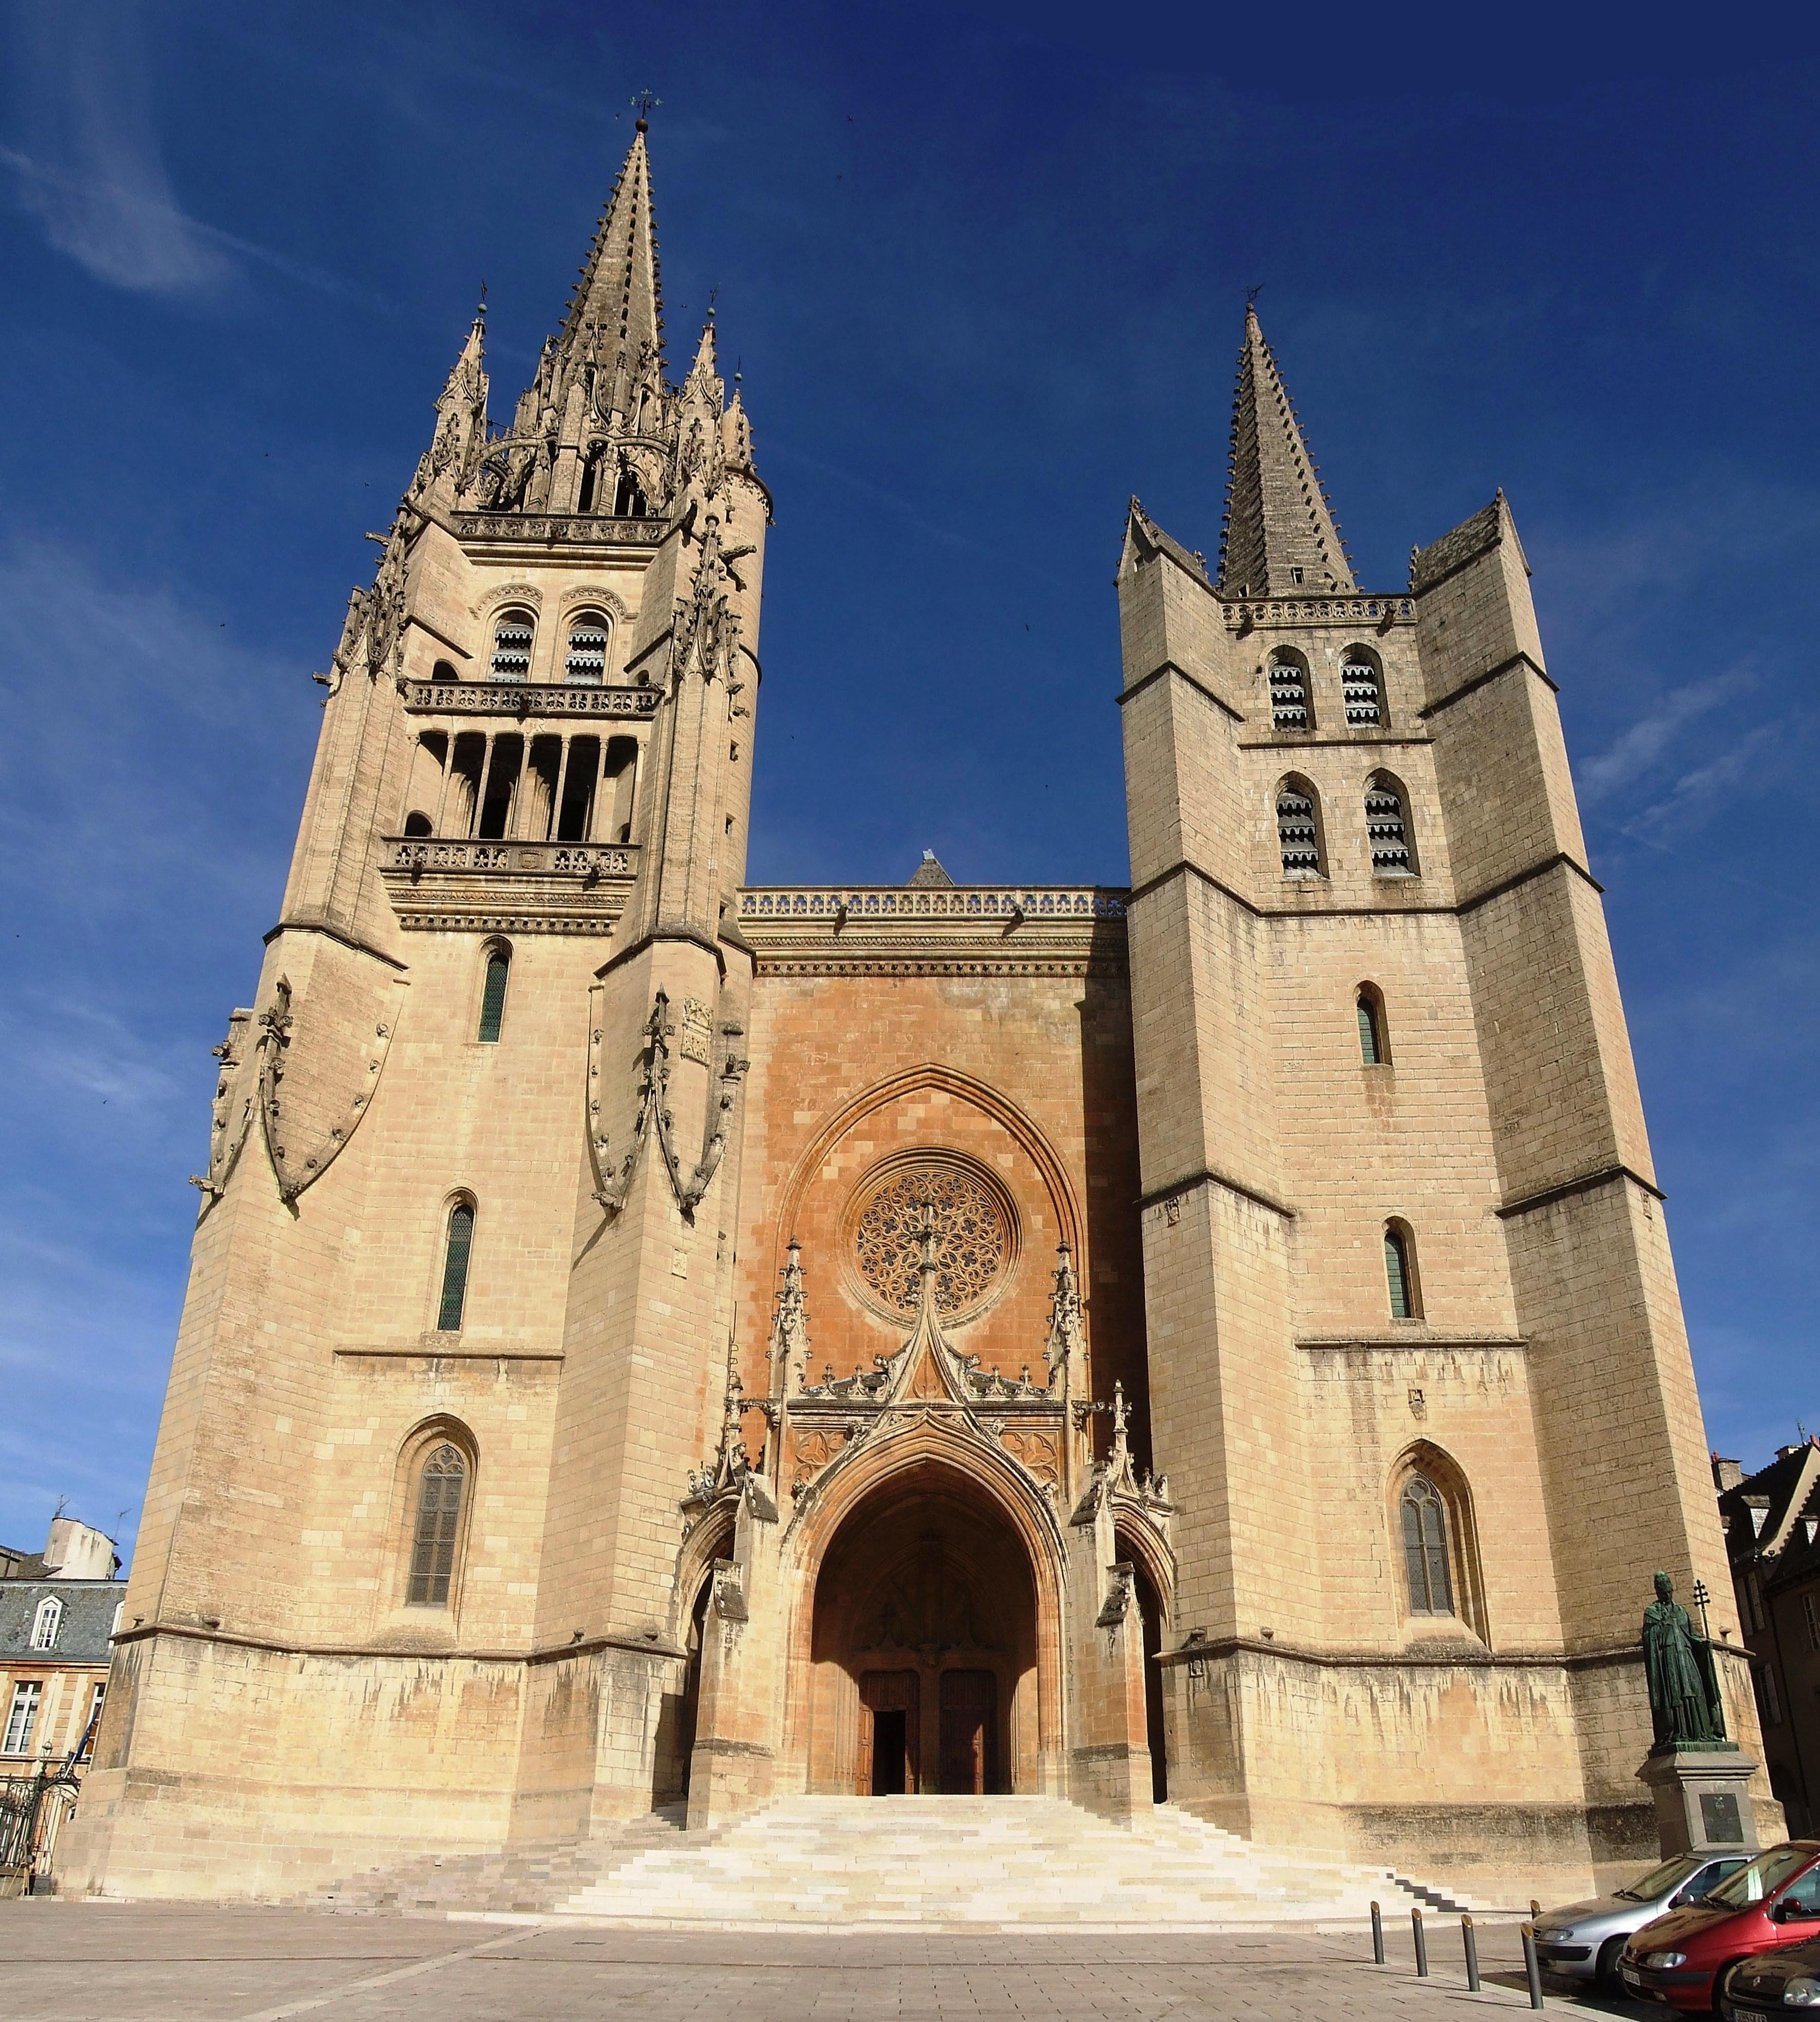 Cath%C3%A9drale_Notre-Dame_et_Saint-Privat_-_Mende_-Loz%C3%A8re.jpg